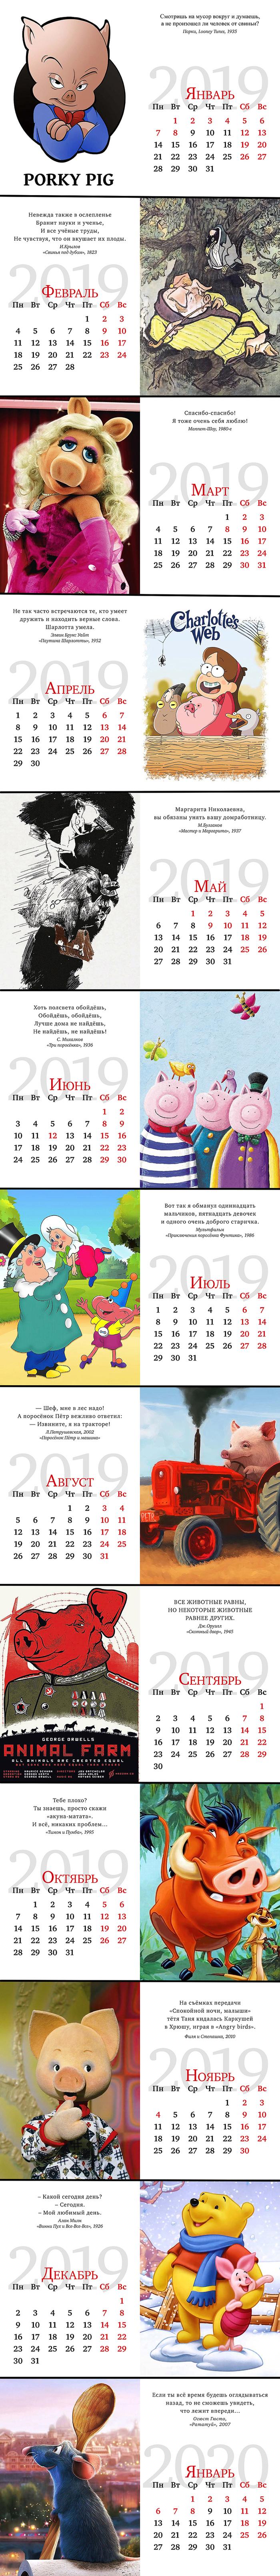 Новогодний календарь 2019 Новый Год, Календарь 2019, Год свиньи, Длиннопост